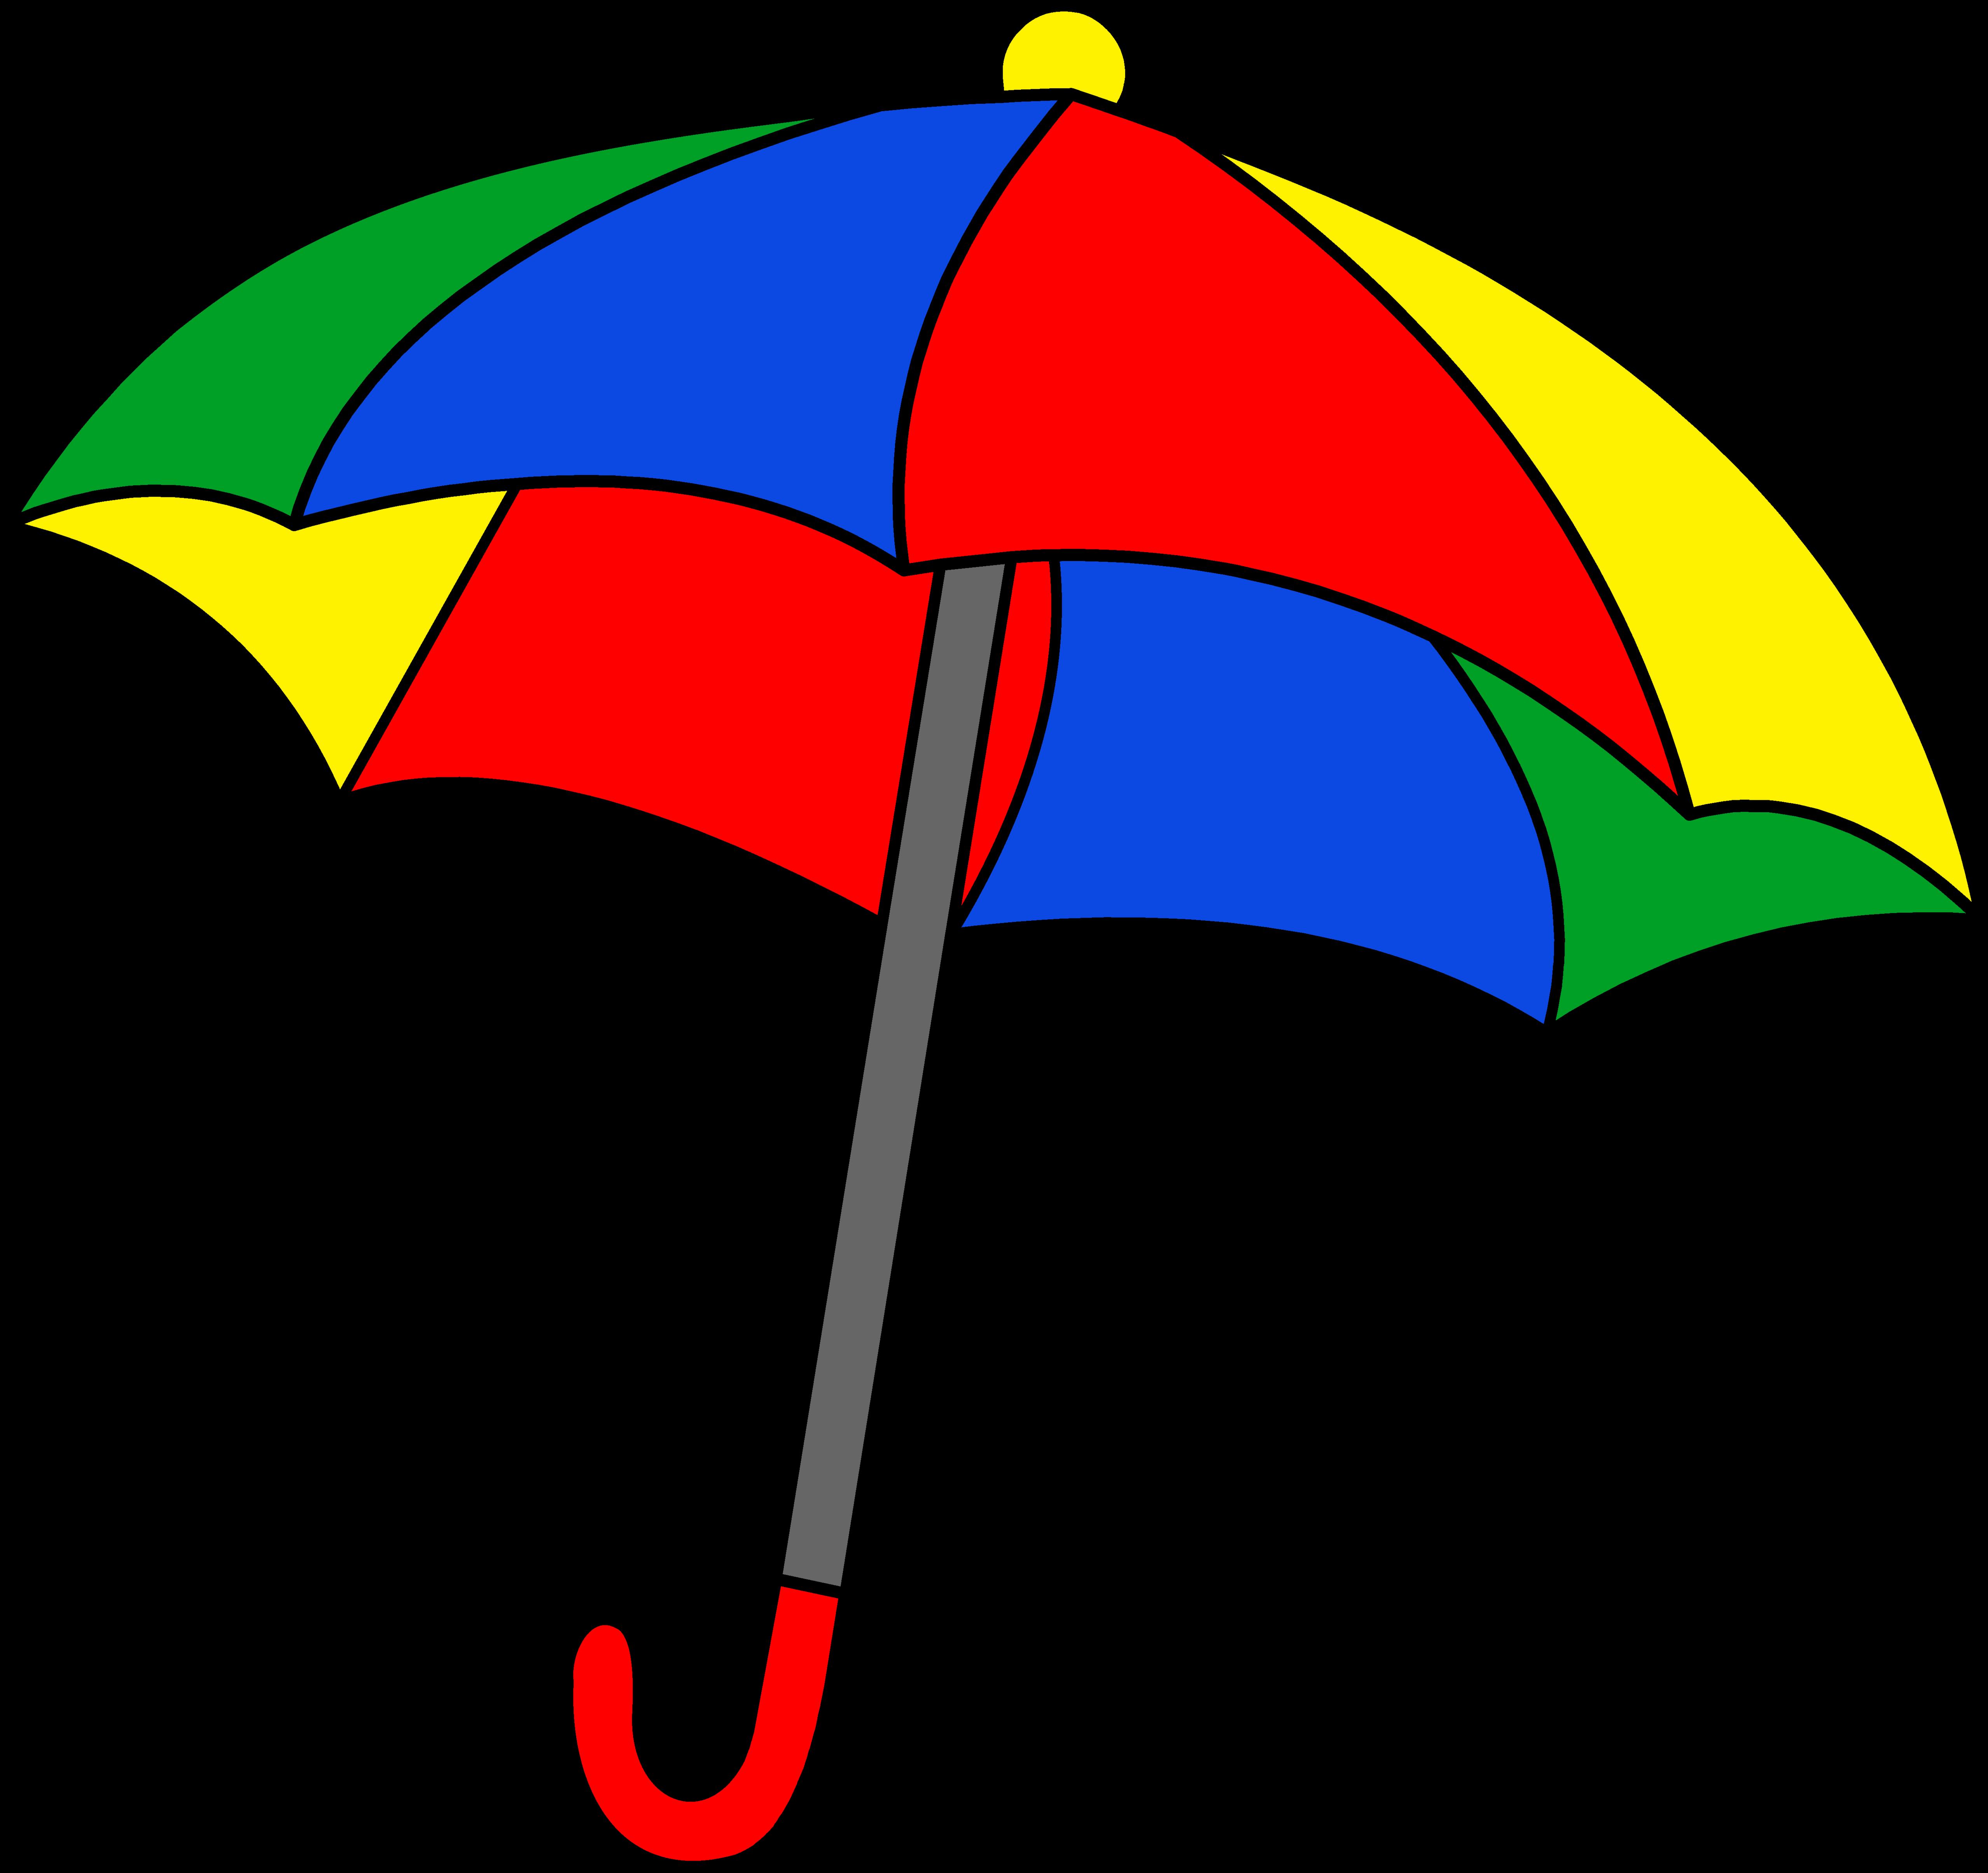 Umbrella Clipart Free to Print Clip art of Umbrella Clipart #2319.